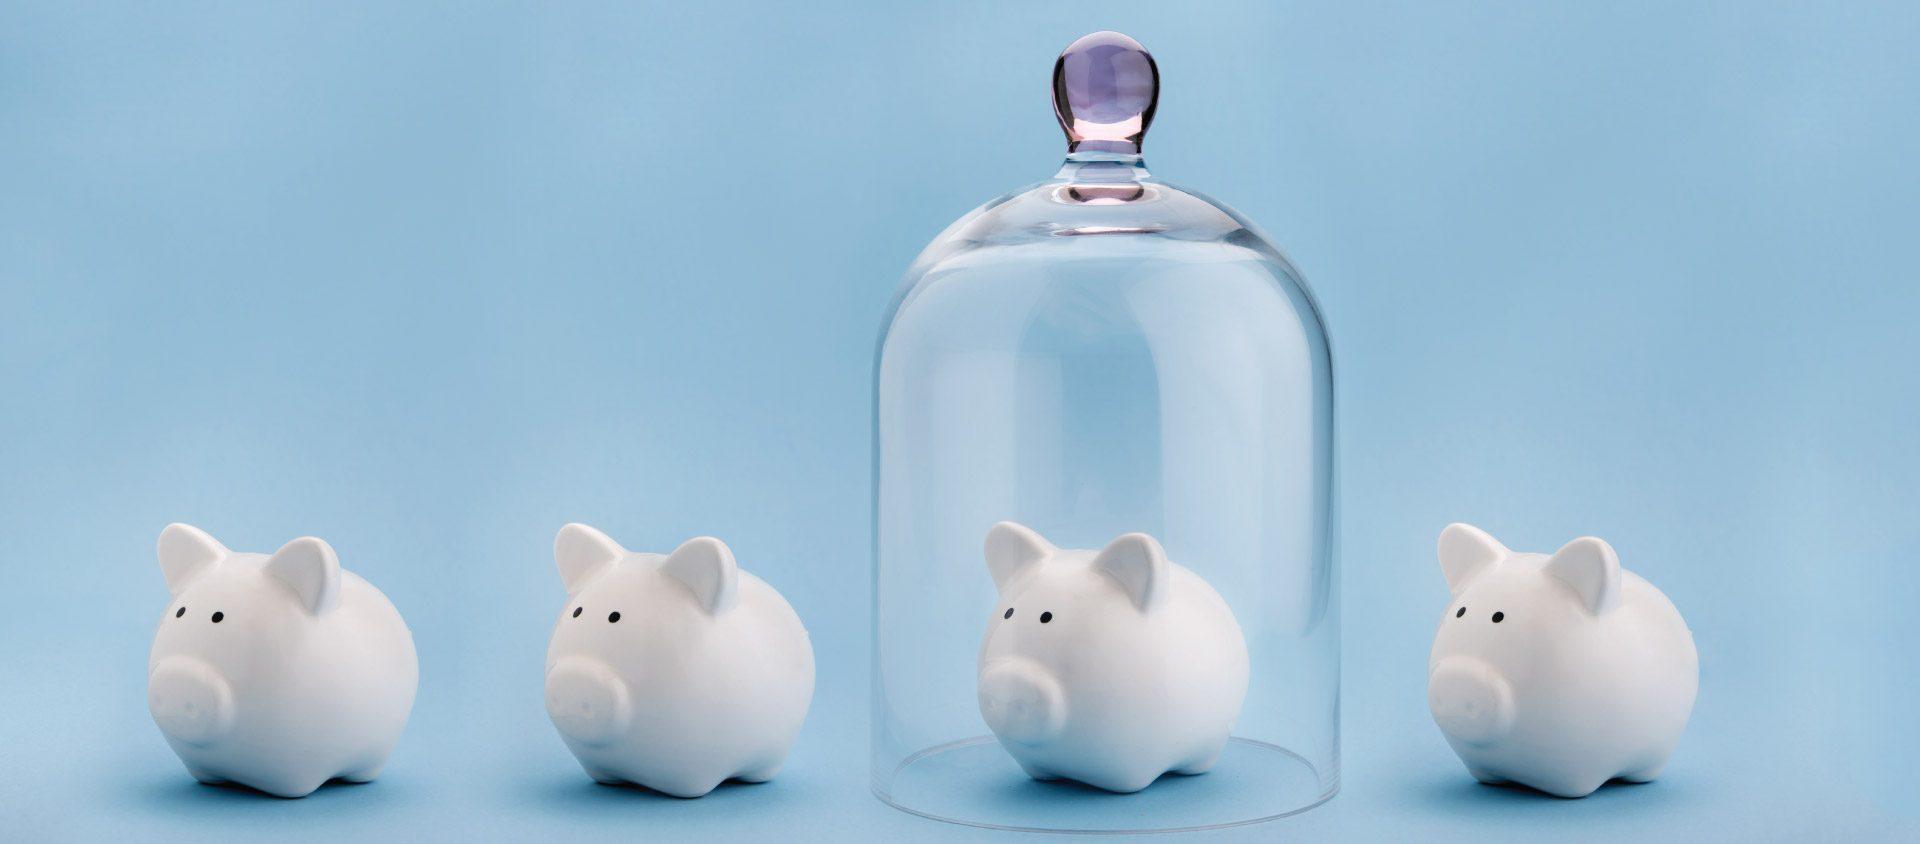 Indicação de beneficiários no seguro de vida